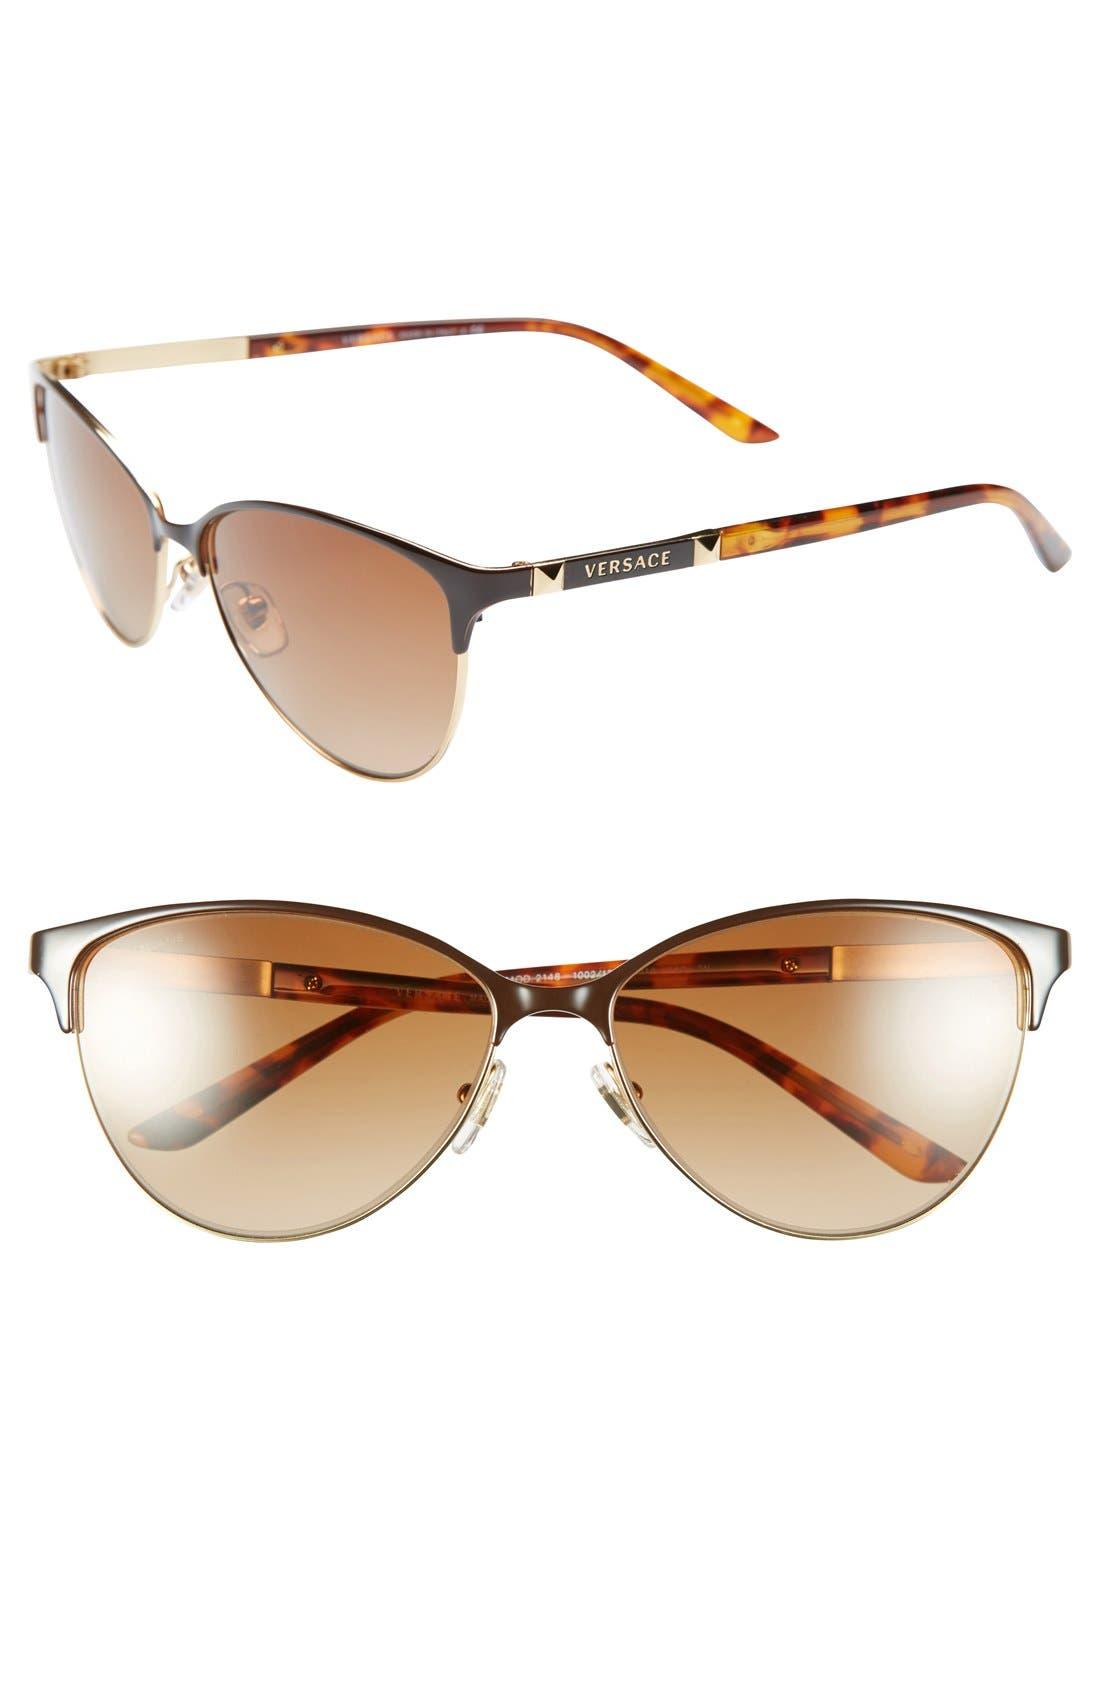 Main Image - Versace 57mm Cat Eye Sunglasses